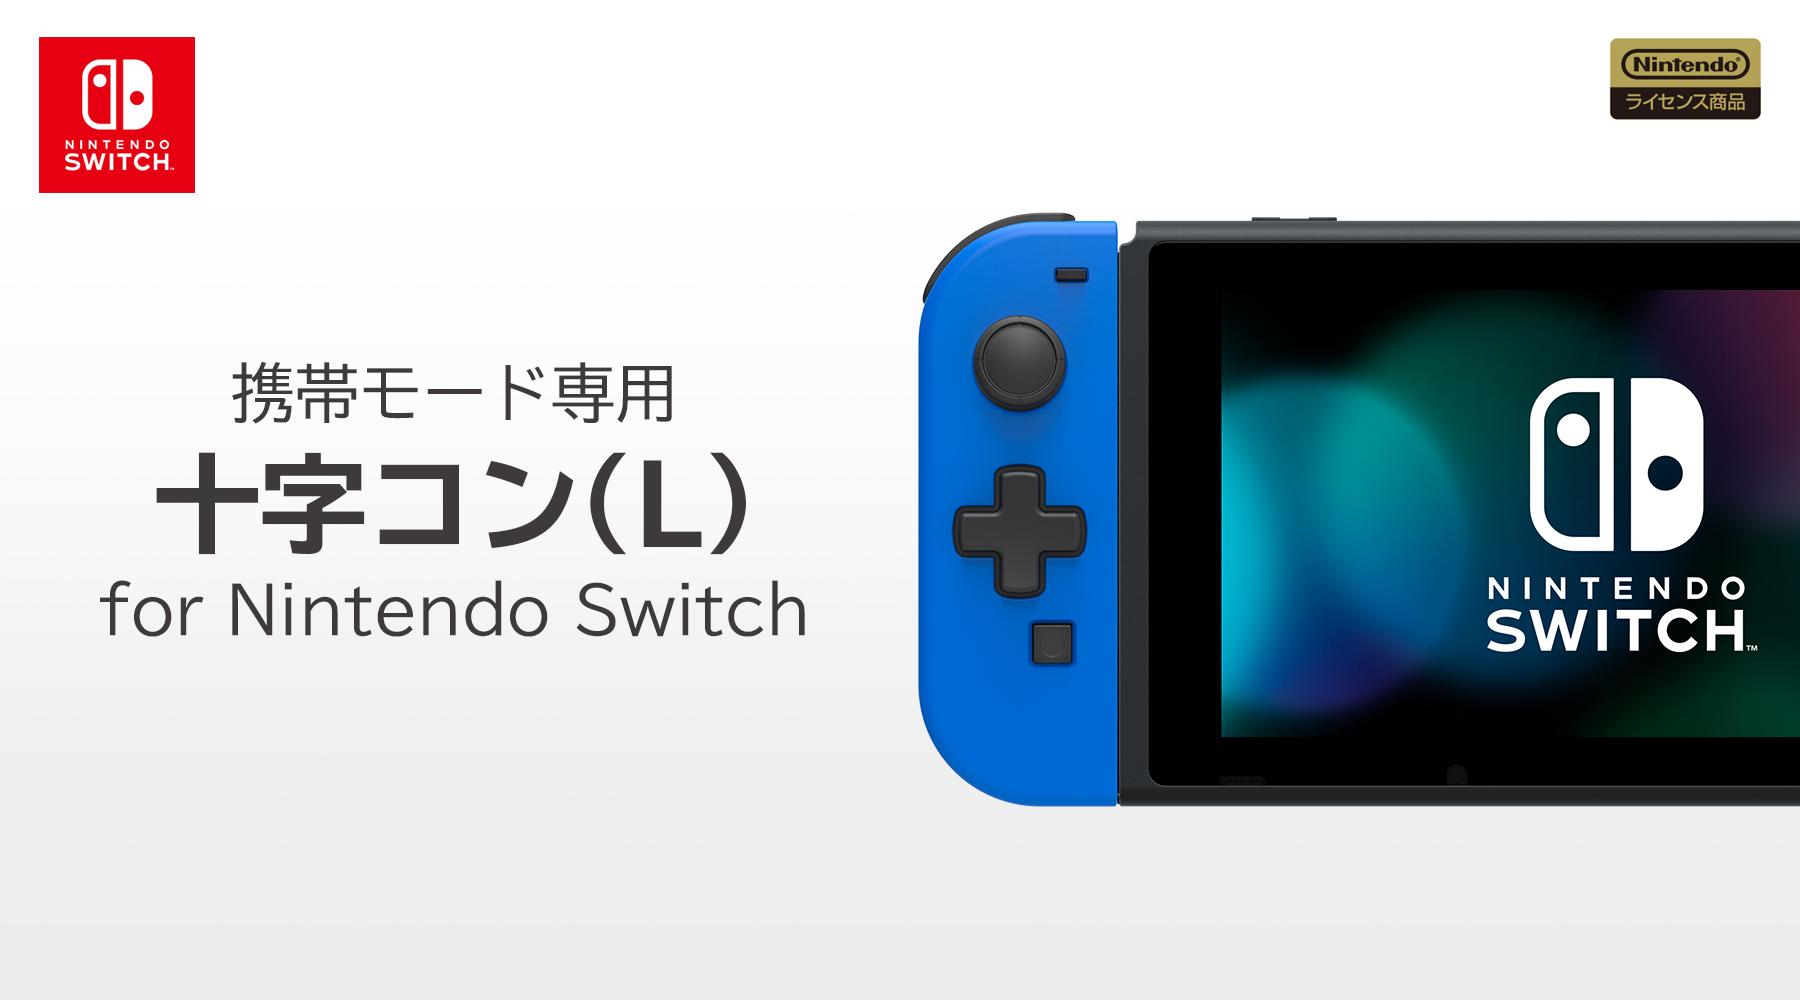 迎合经典游戏 HORI宣布推出Switch掌机模式专用十字键手柄